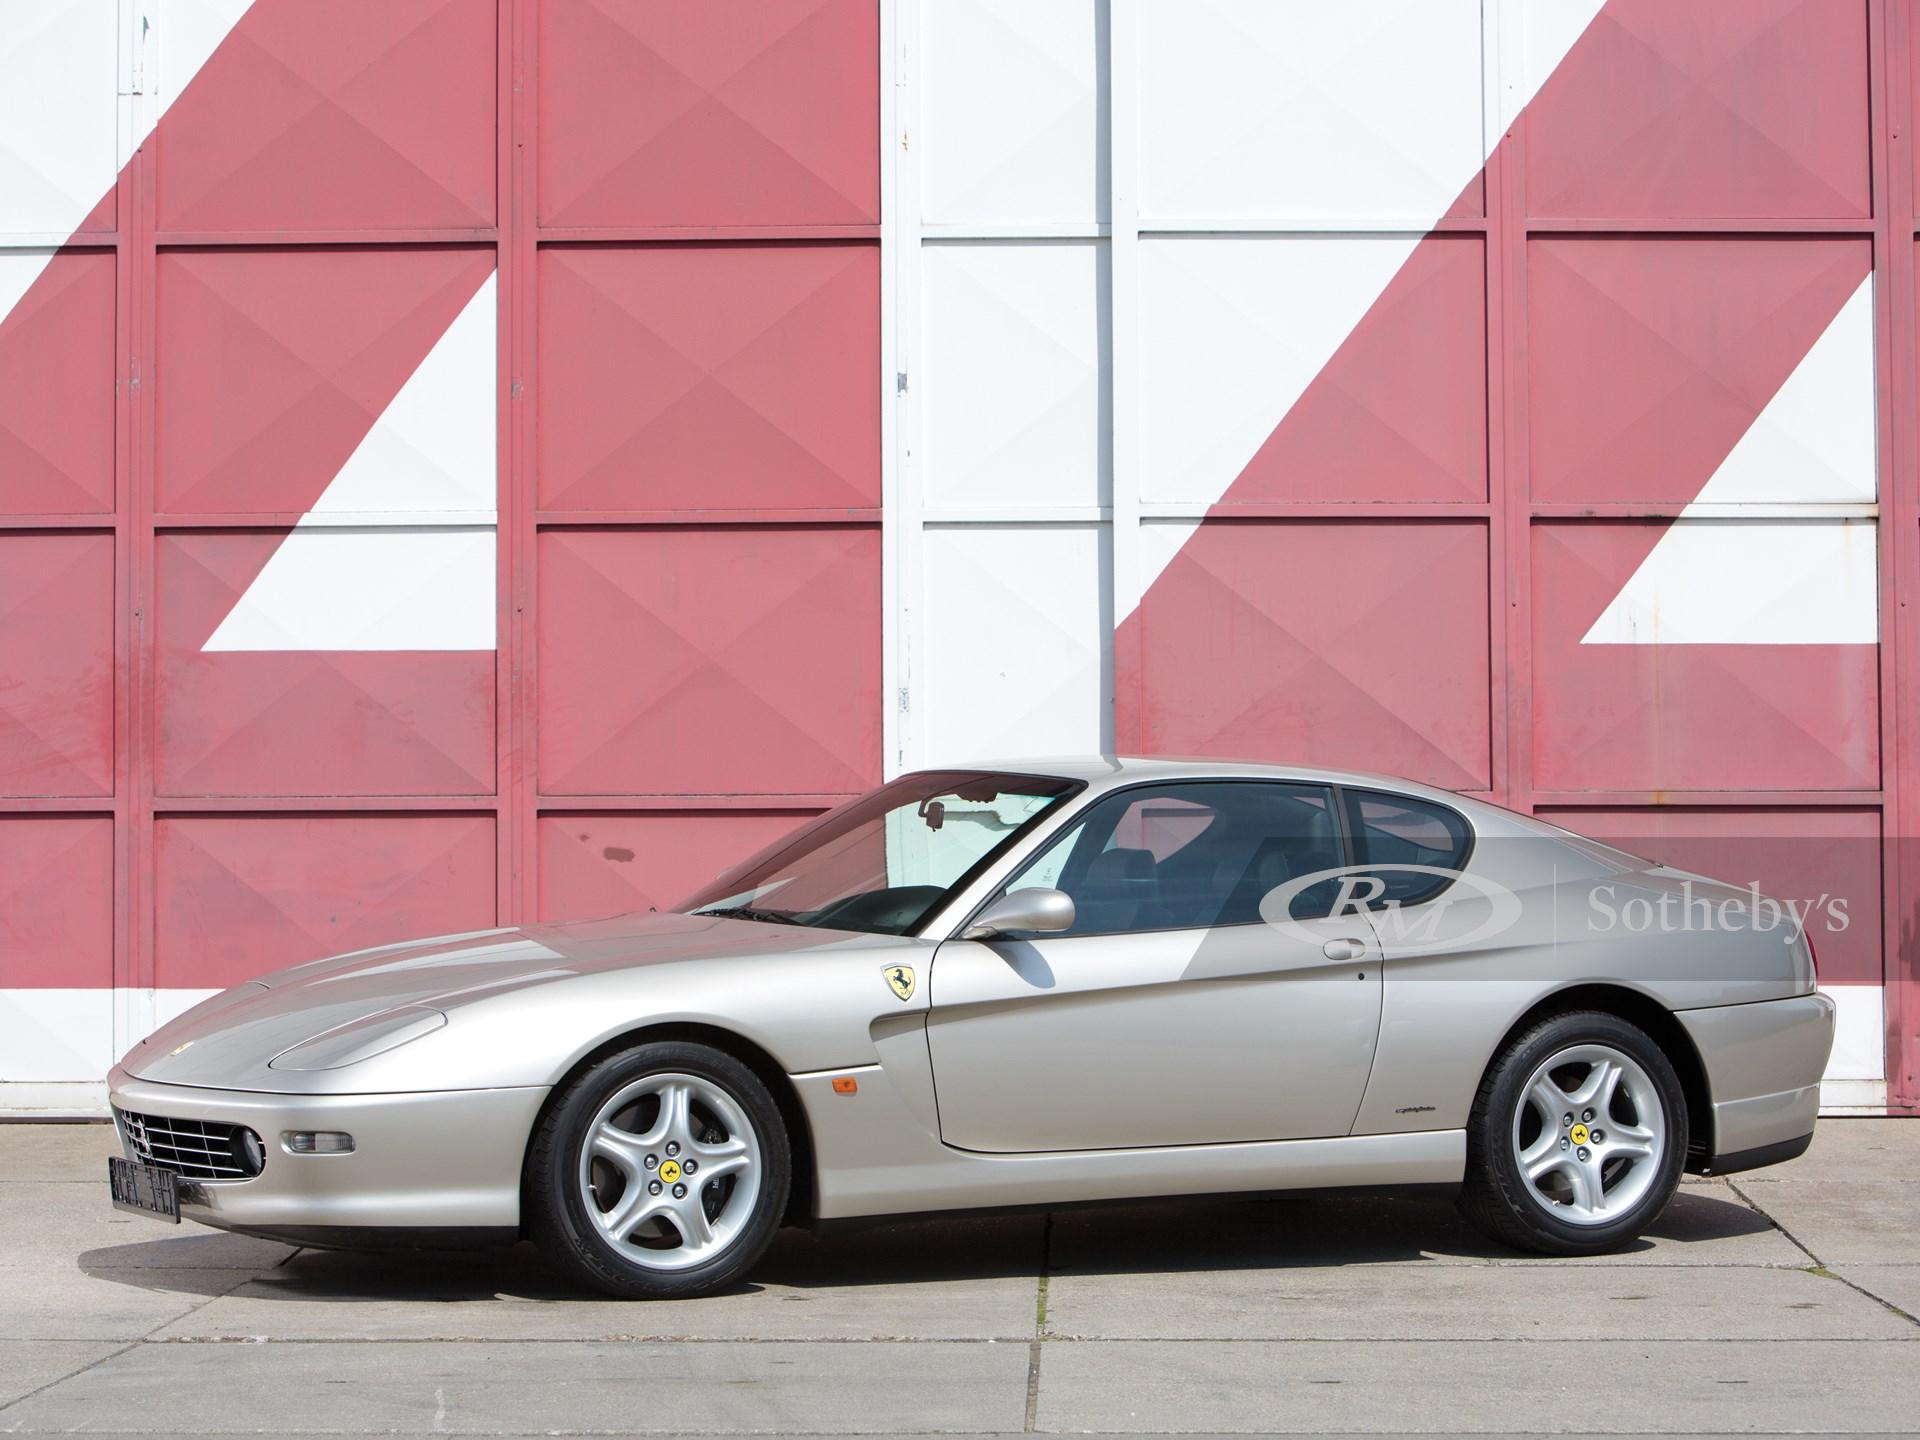 1998 Ferrari 456m Gt London 2013 Rm Sotheby S